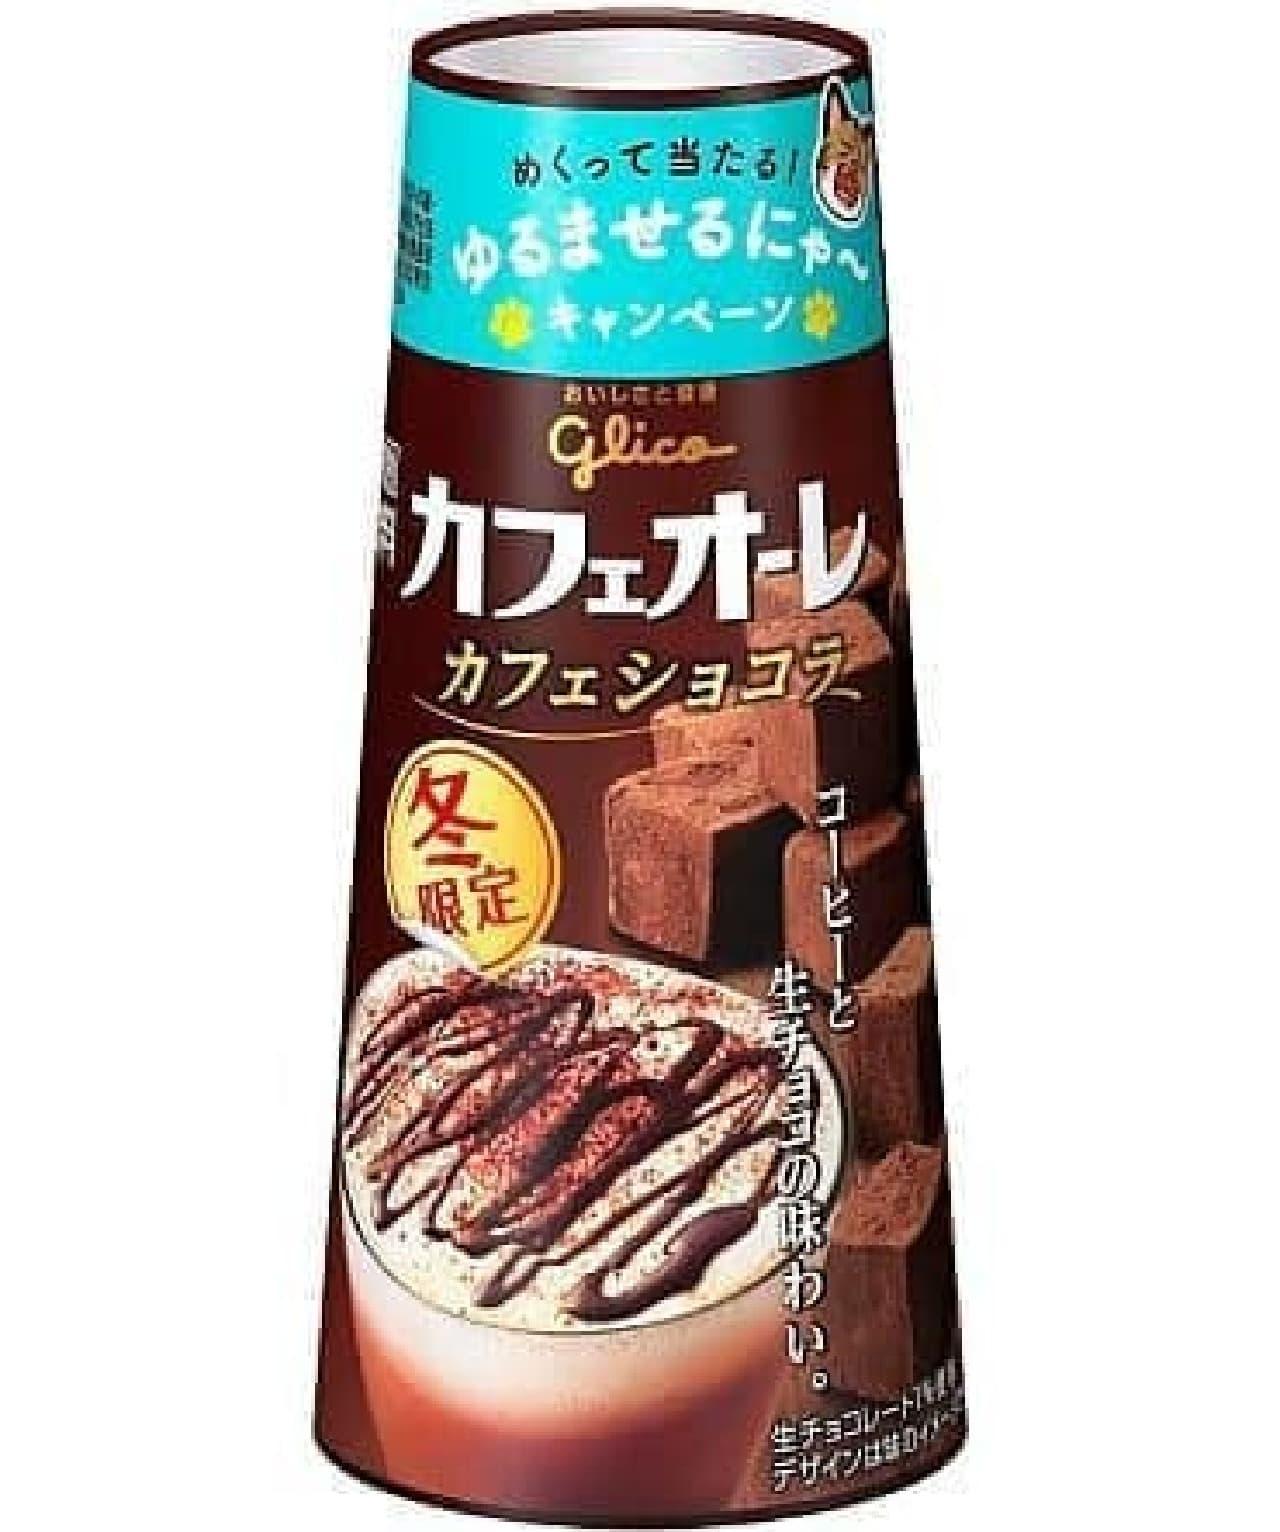 江崎グリコ「カフェオーレ カフェショコラ」